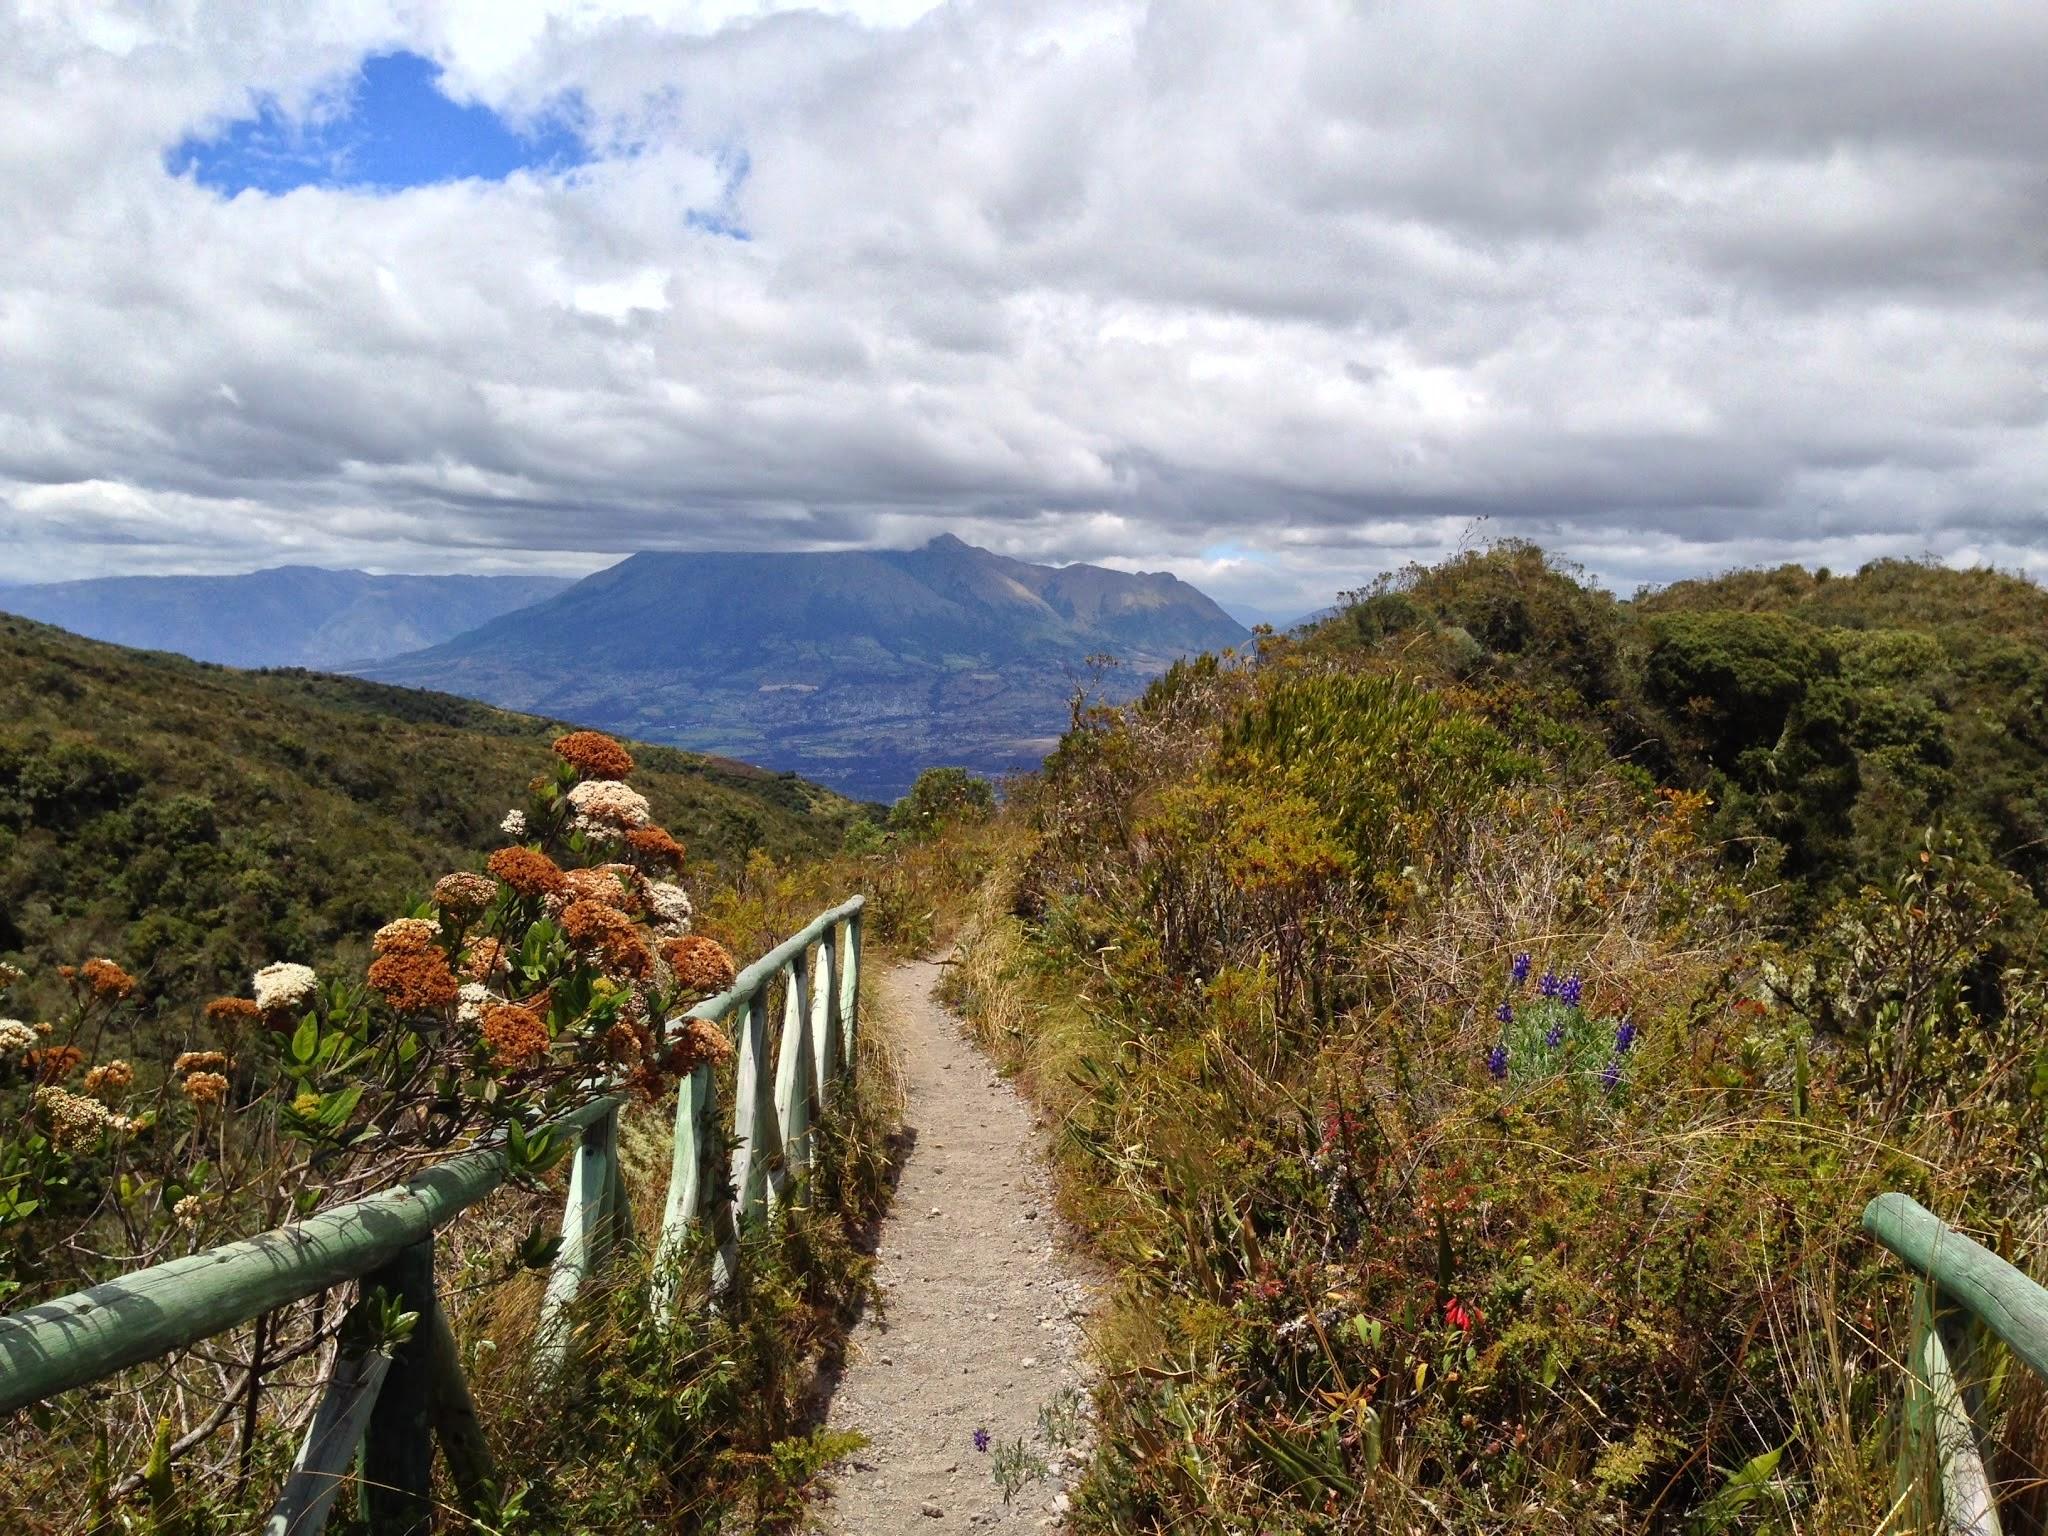 Vista para o Vulcão Imbaburra